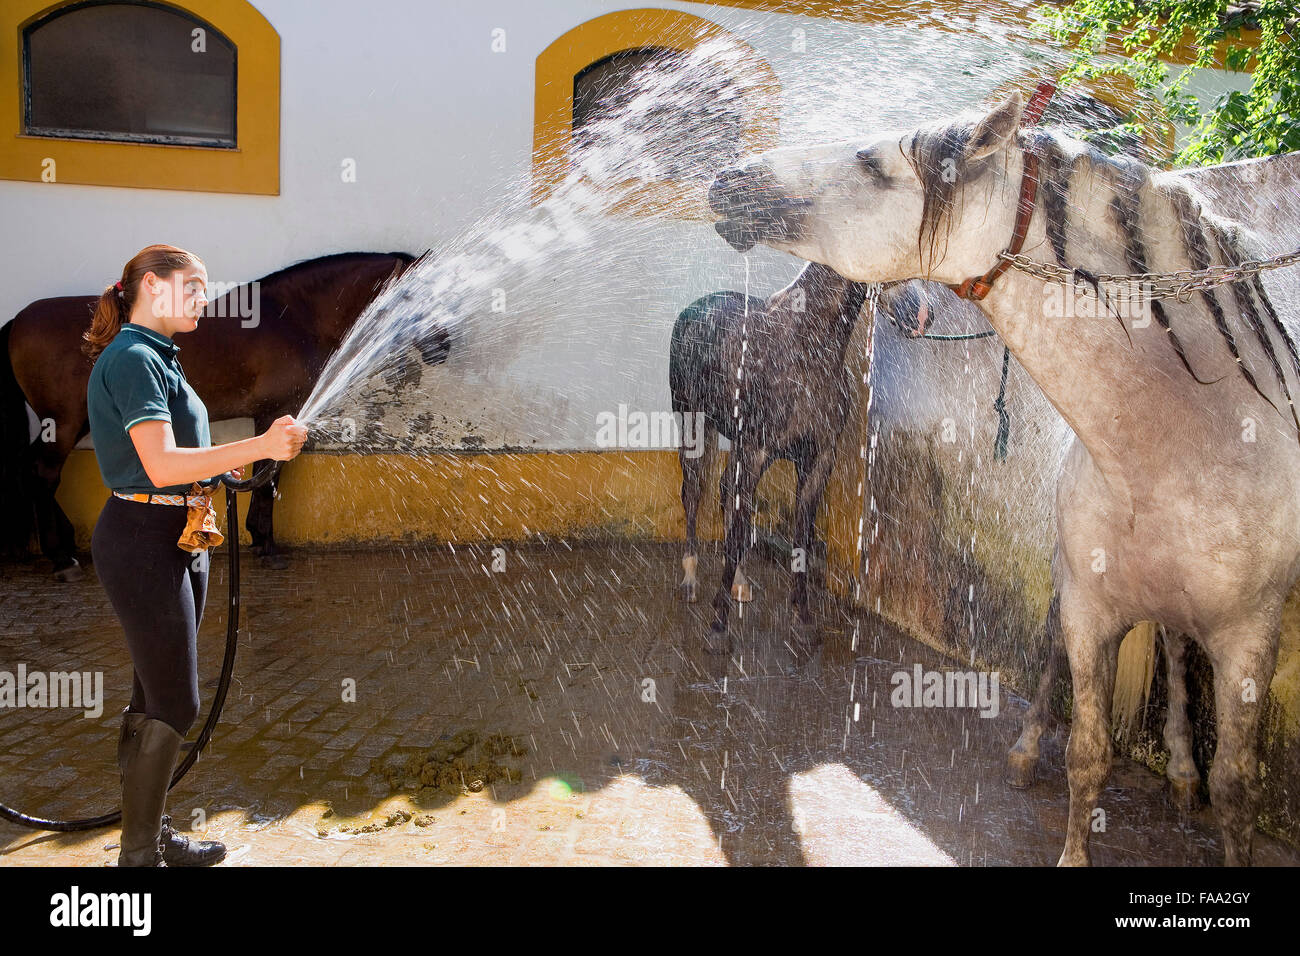 """Establos de caballos de la Real Escuela Andaluza de Arte Ecuestre 'Real Escuela Andaluza del Arte Ecuestre"""". Imagen De Stock"""